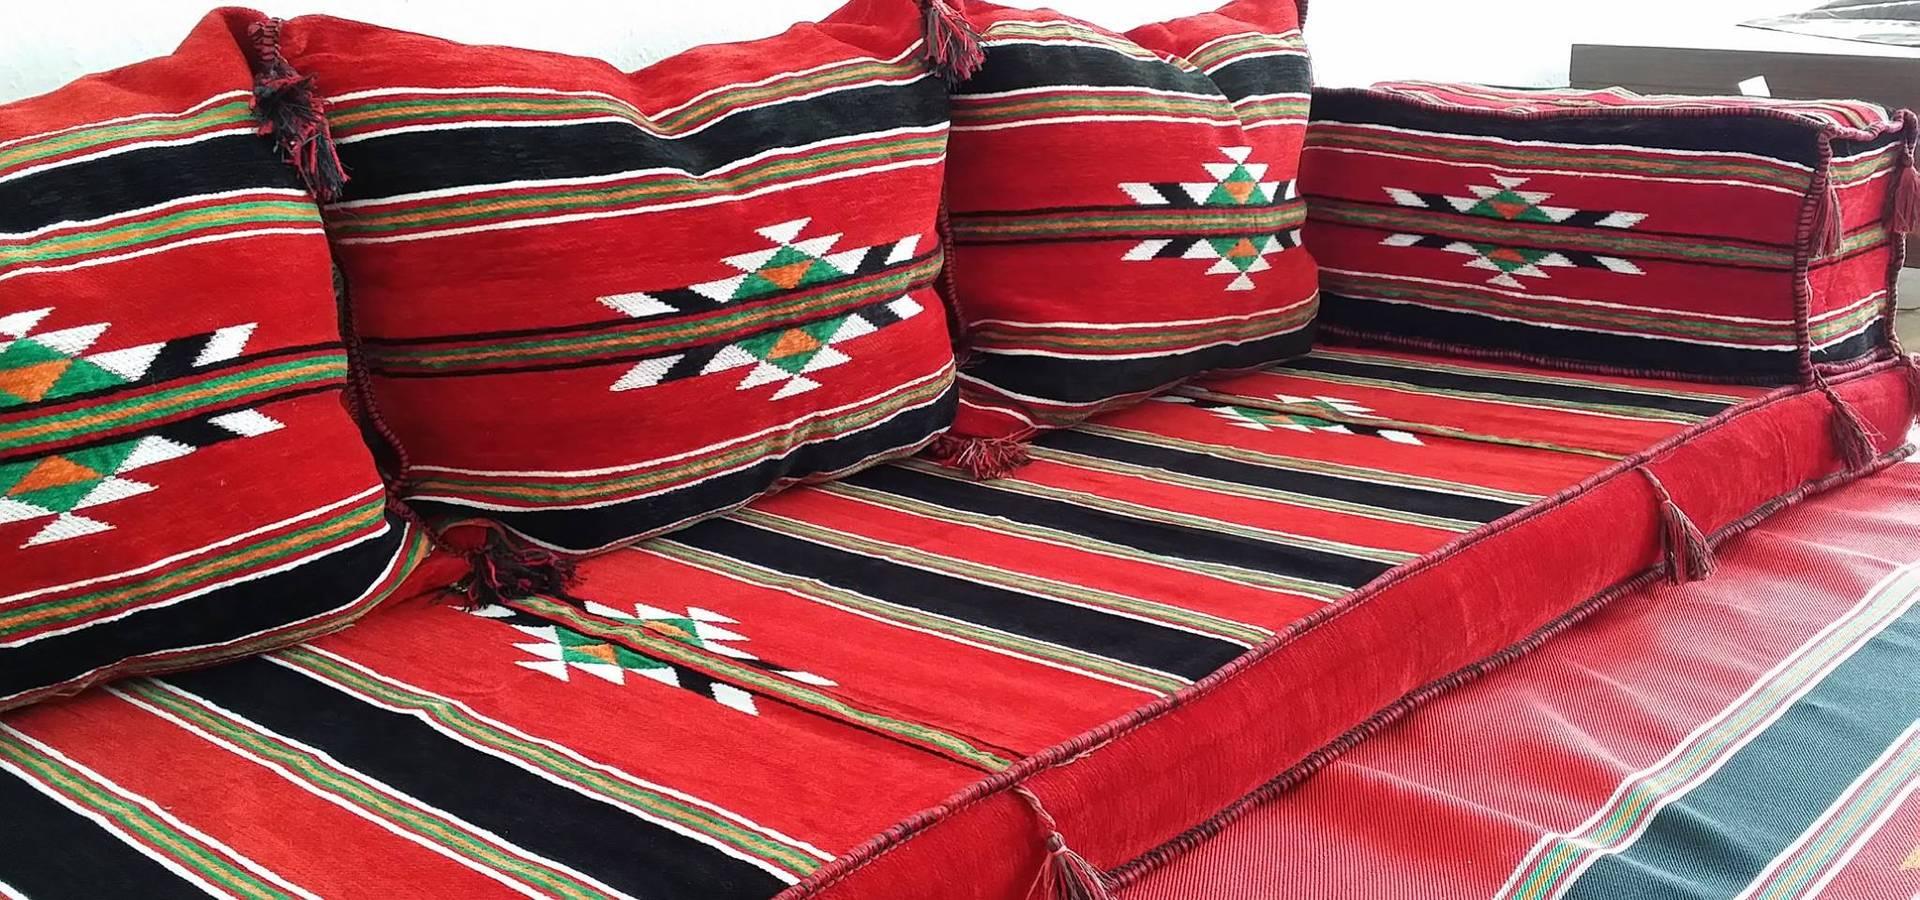 orientalische sitzecken ,orientalische sitzgarnitur 5 teiliges set